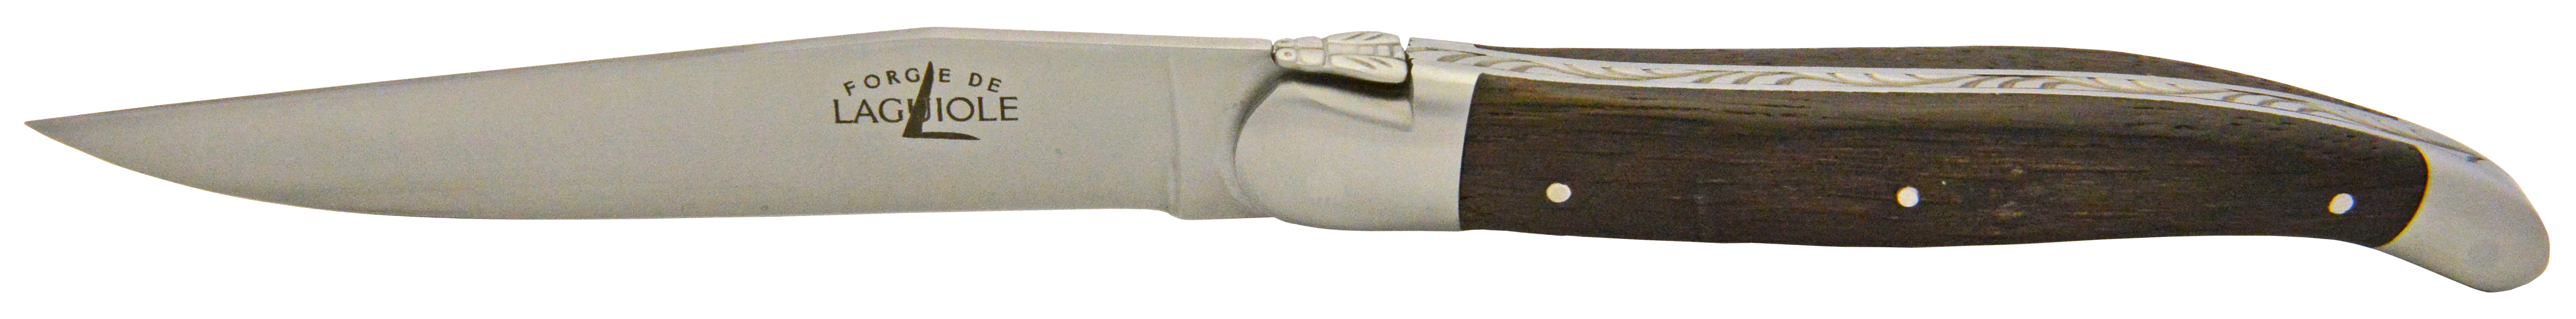 La finition Chêne Fossile offre une grande solidité au couteaux de table Forge de Laguiole.